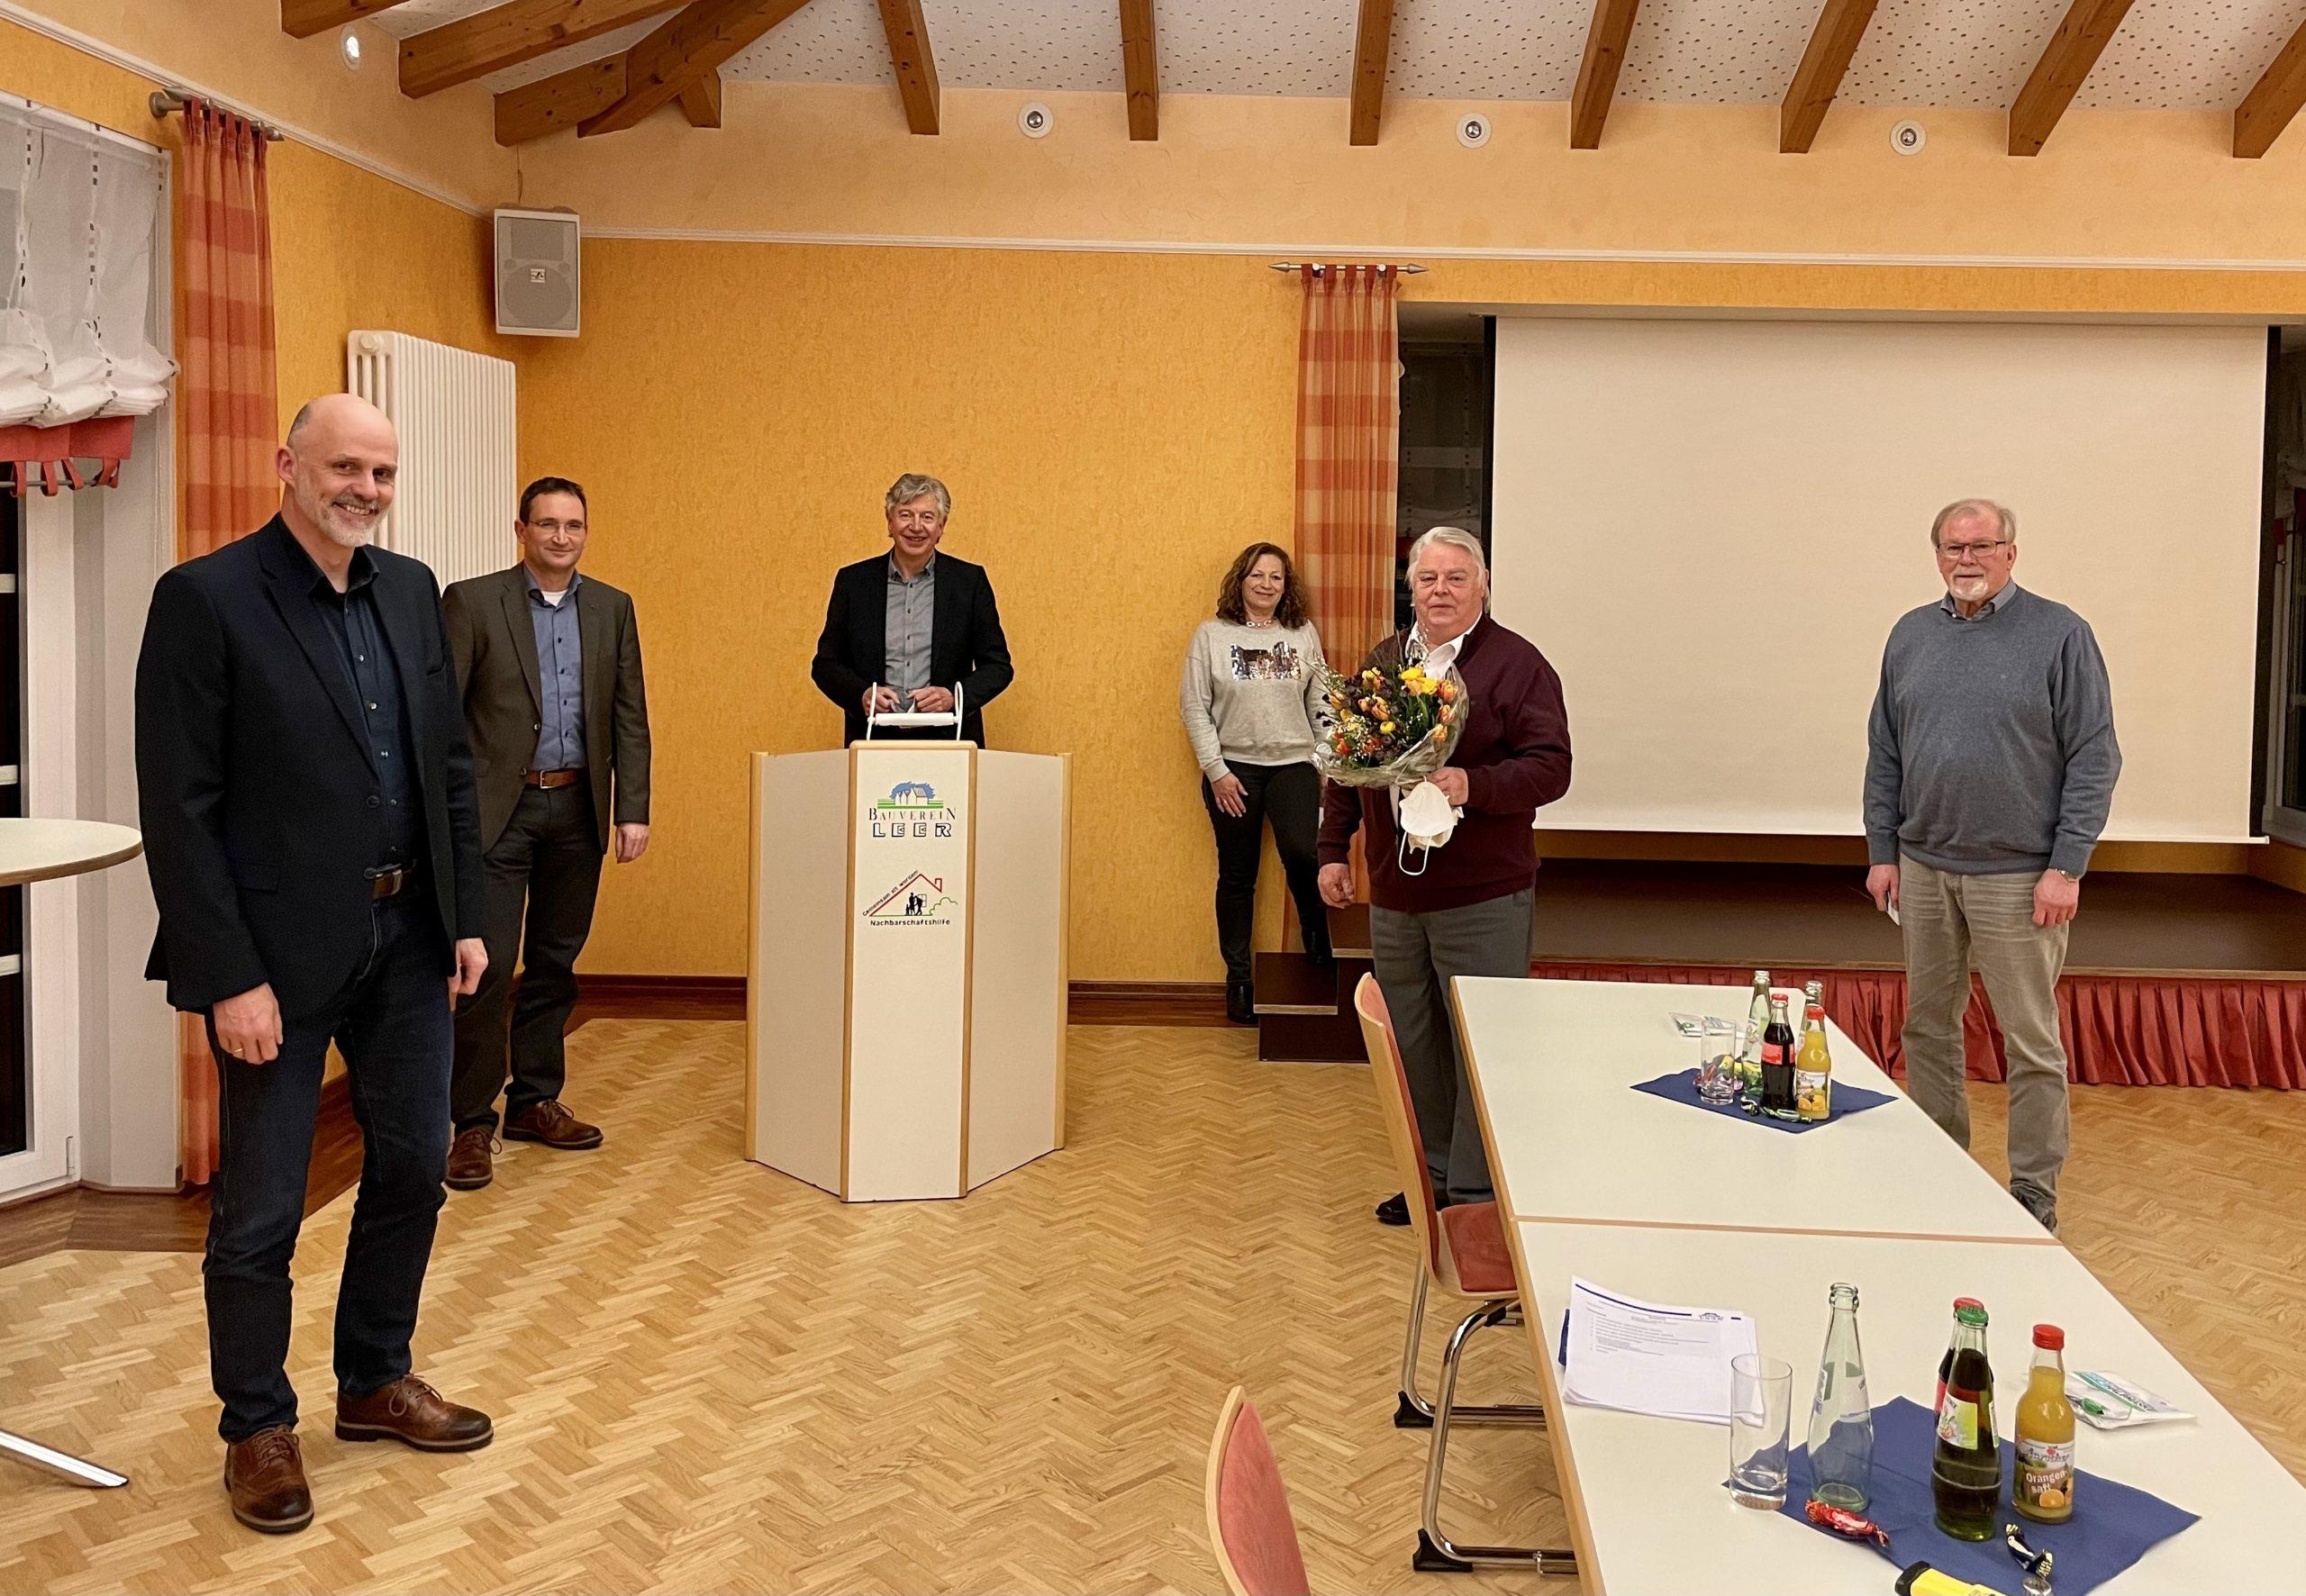 Abschied: nach 17 Jahren verlässt Joachim Heemsoth den Aufsichtsrat